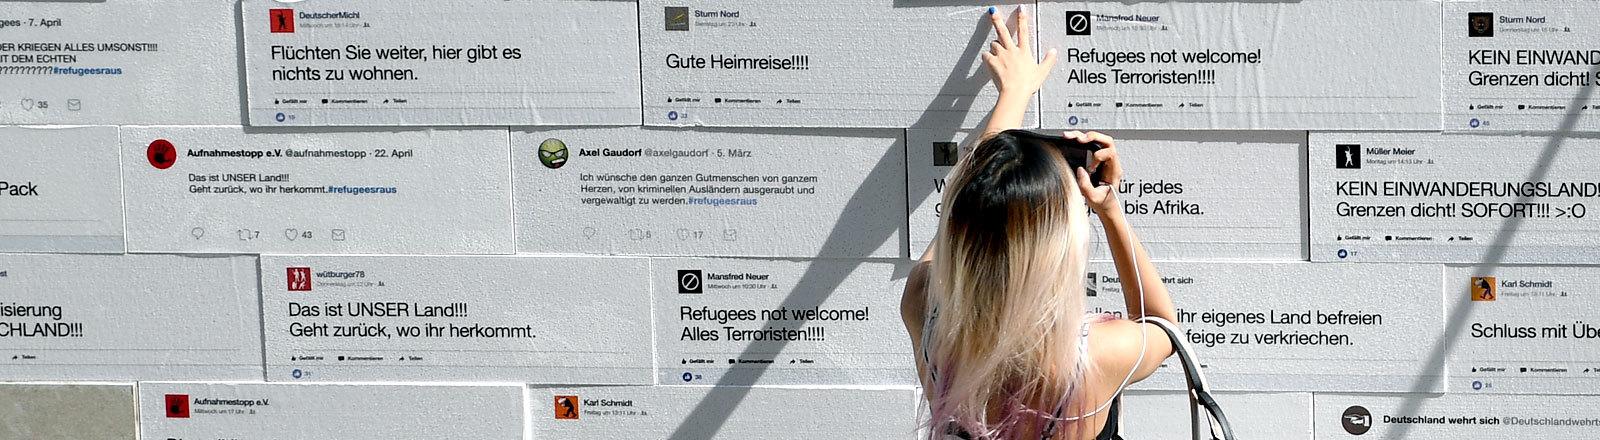 Eine Frau an einer Wand, an der Papptafeln mit aufgedruckter Hate Speech befestigt sind.